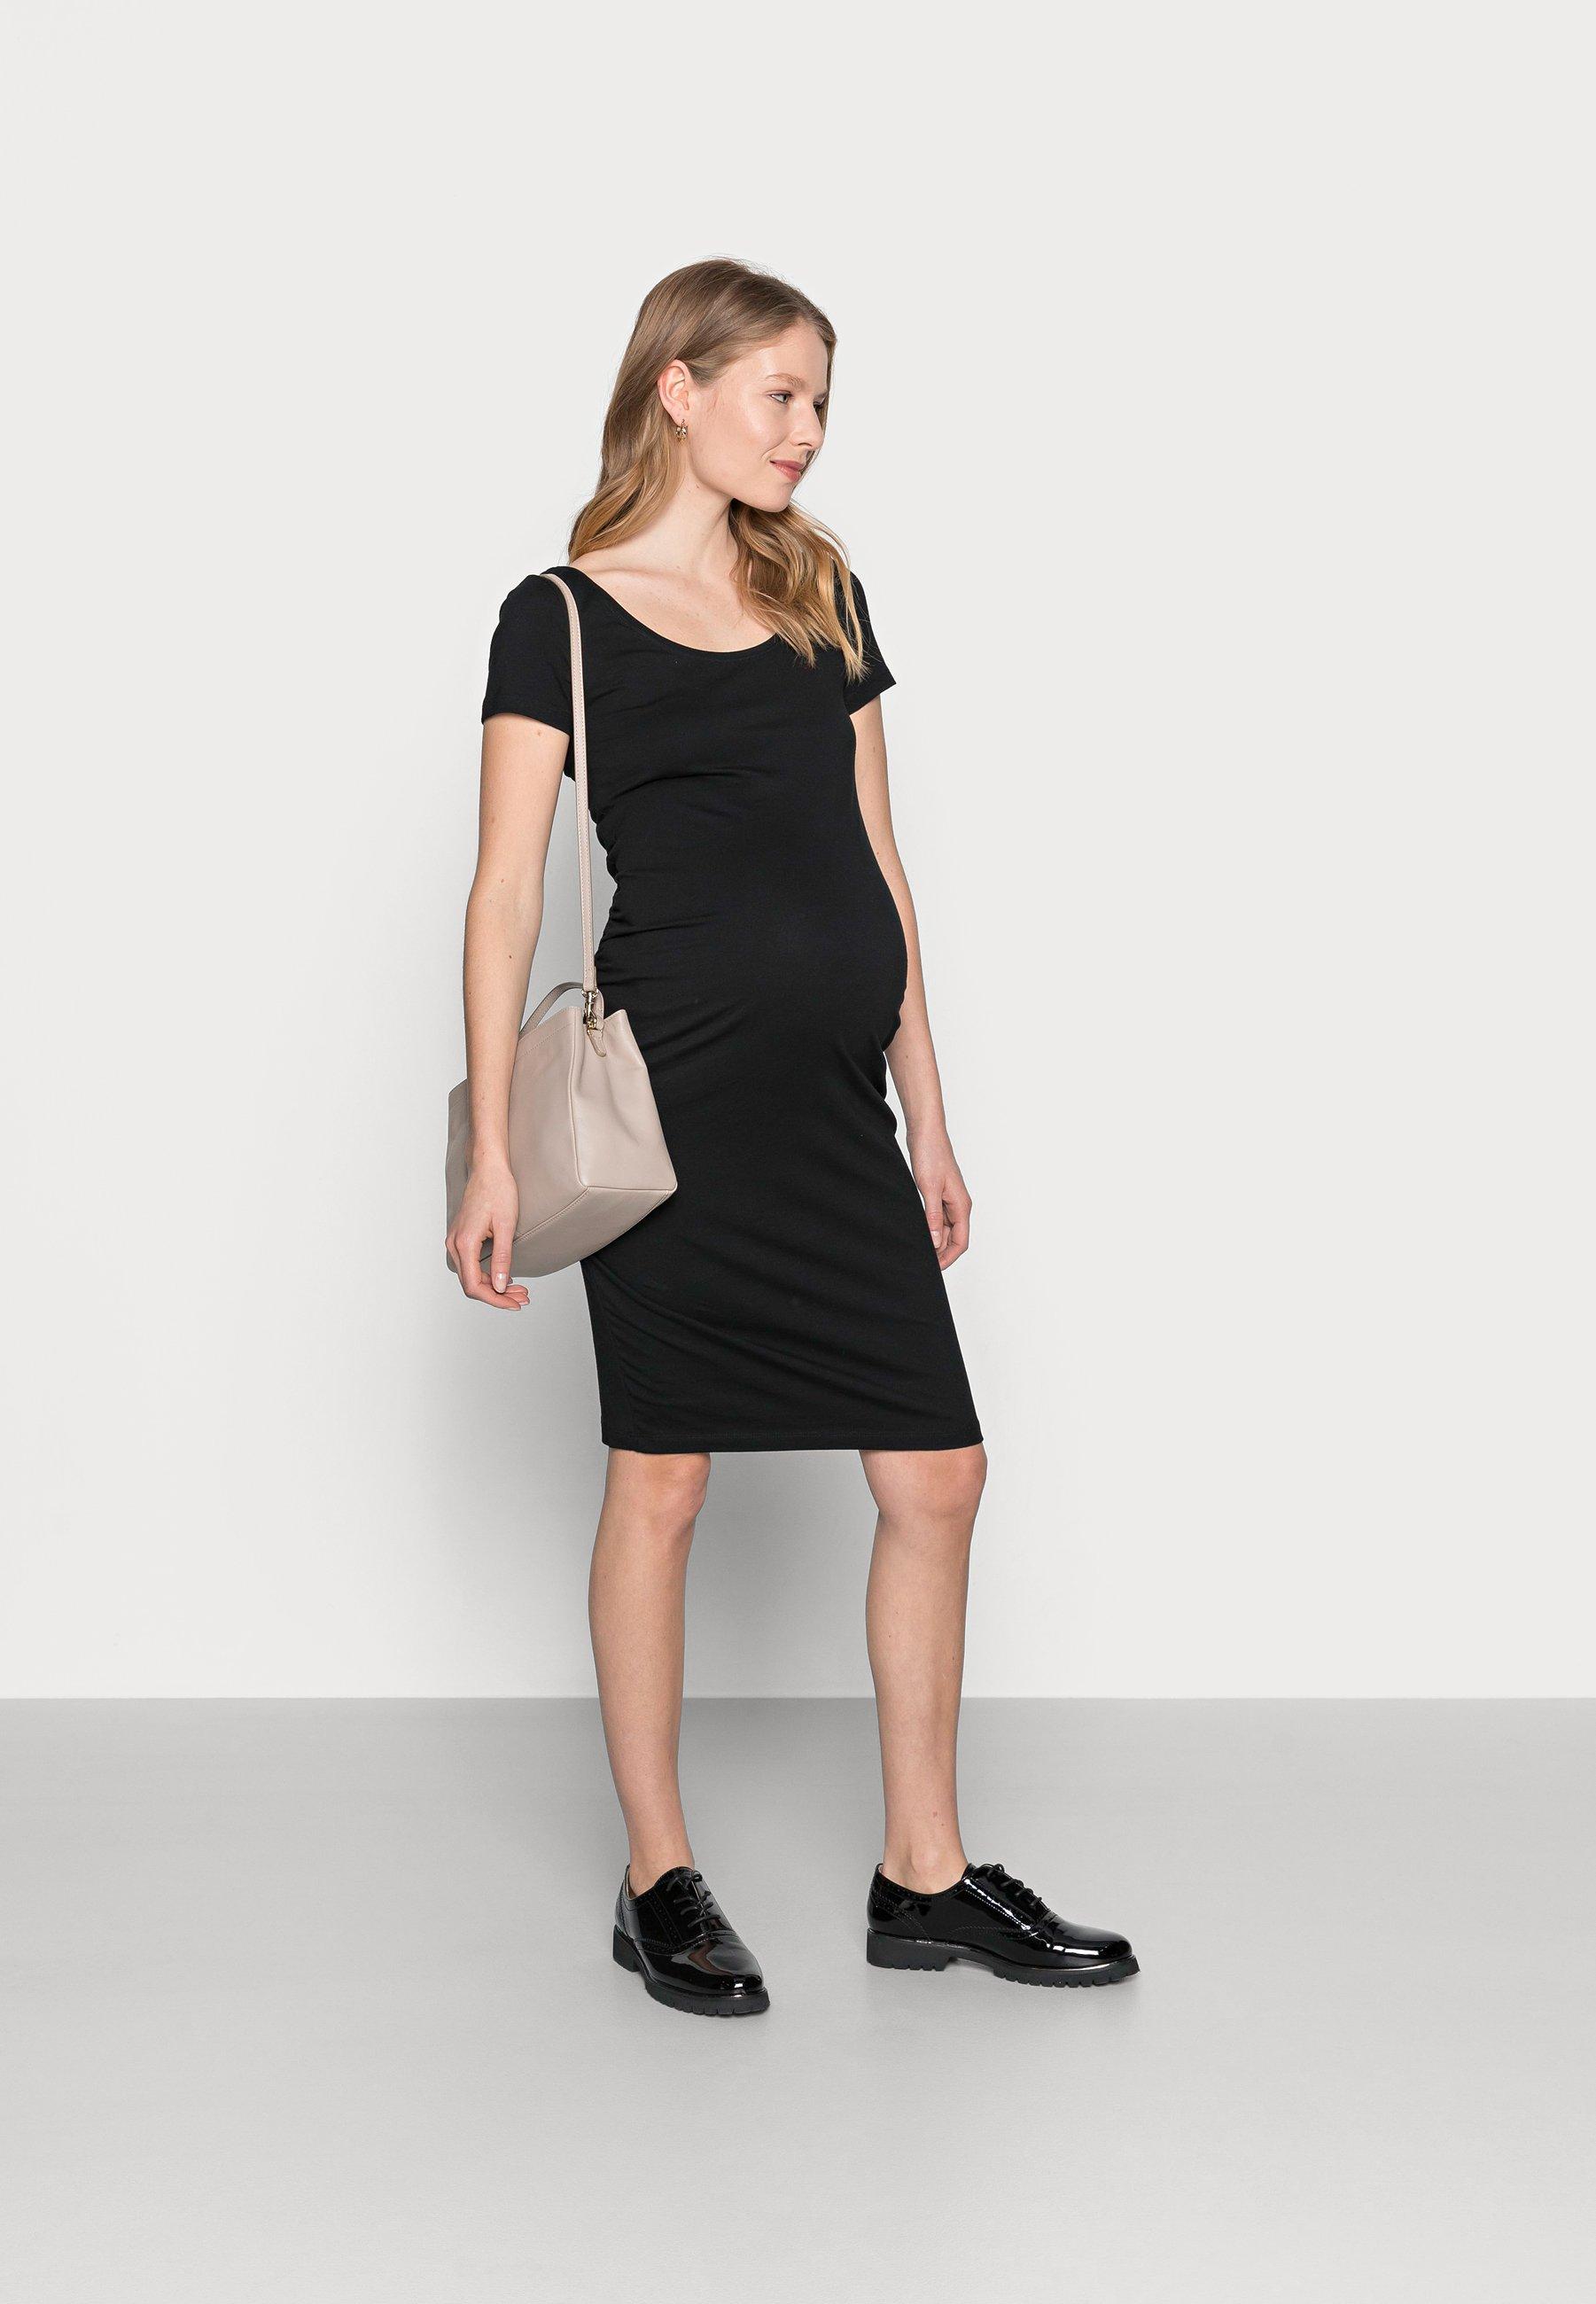 Damen NURSING SET - Leggings - Trousers - Leggings - Hosen